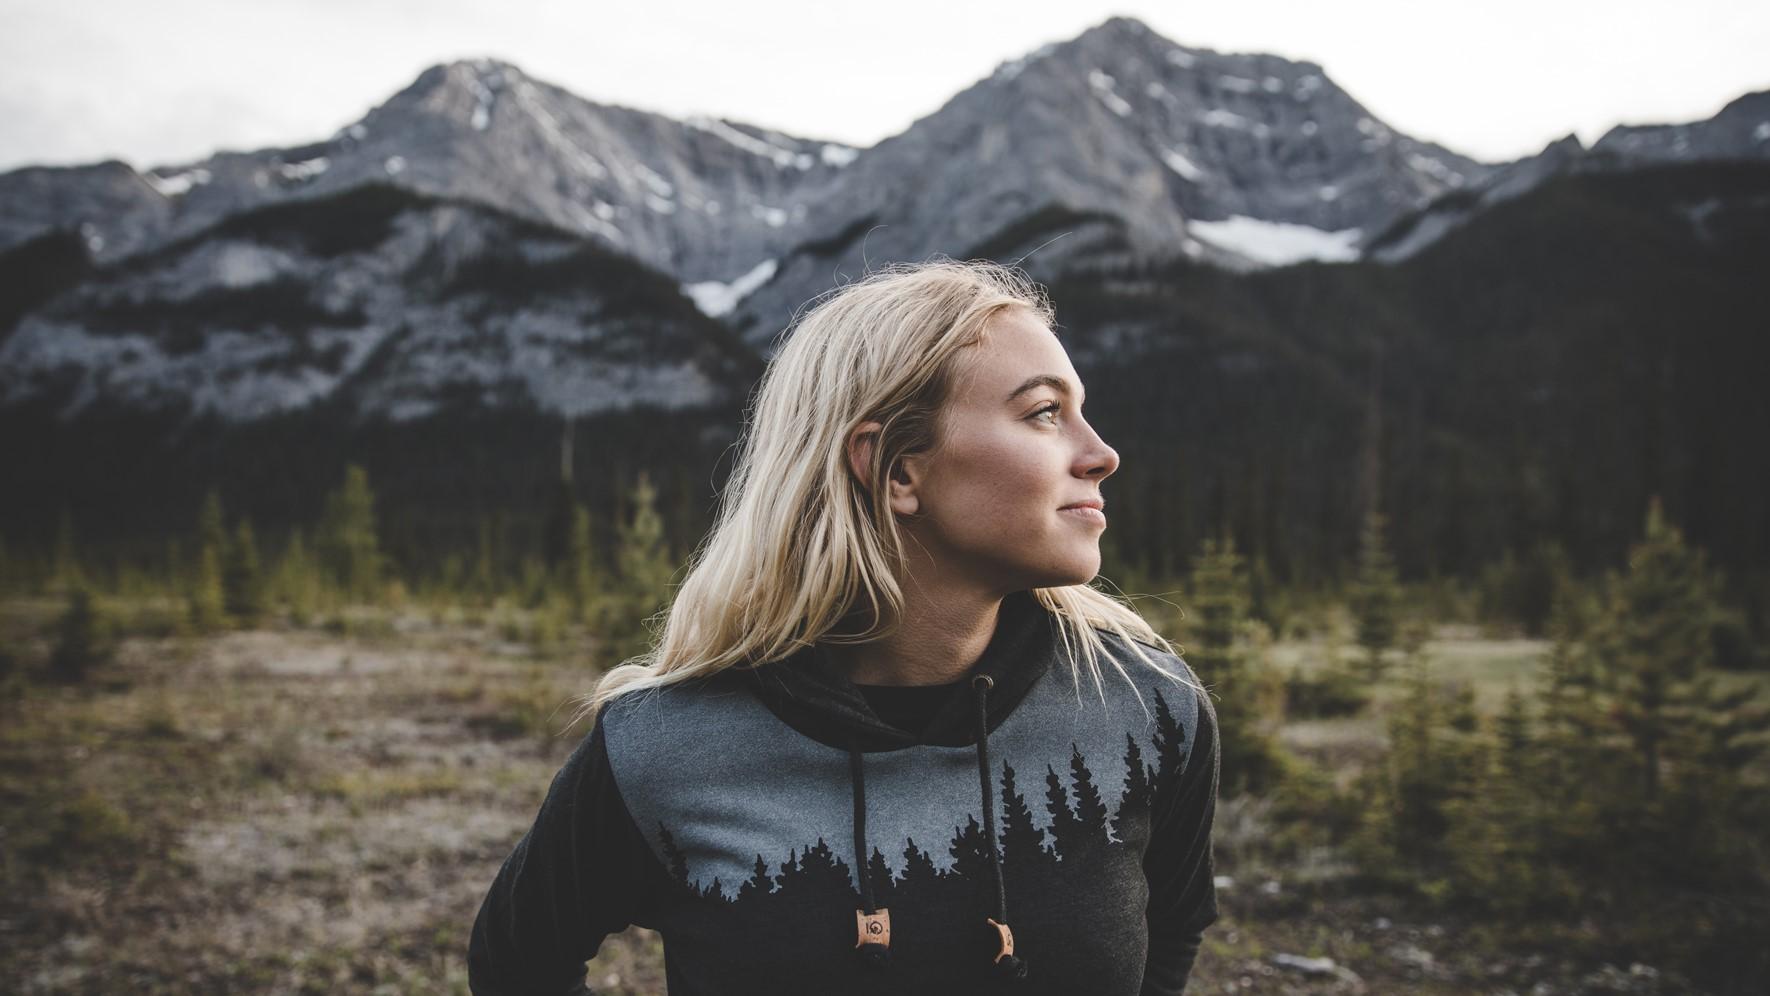 Nachhaltige Outdoor-Sportswear für eine bessere Welt